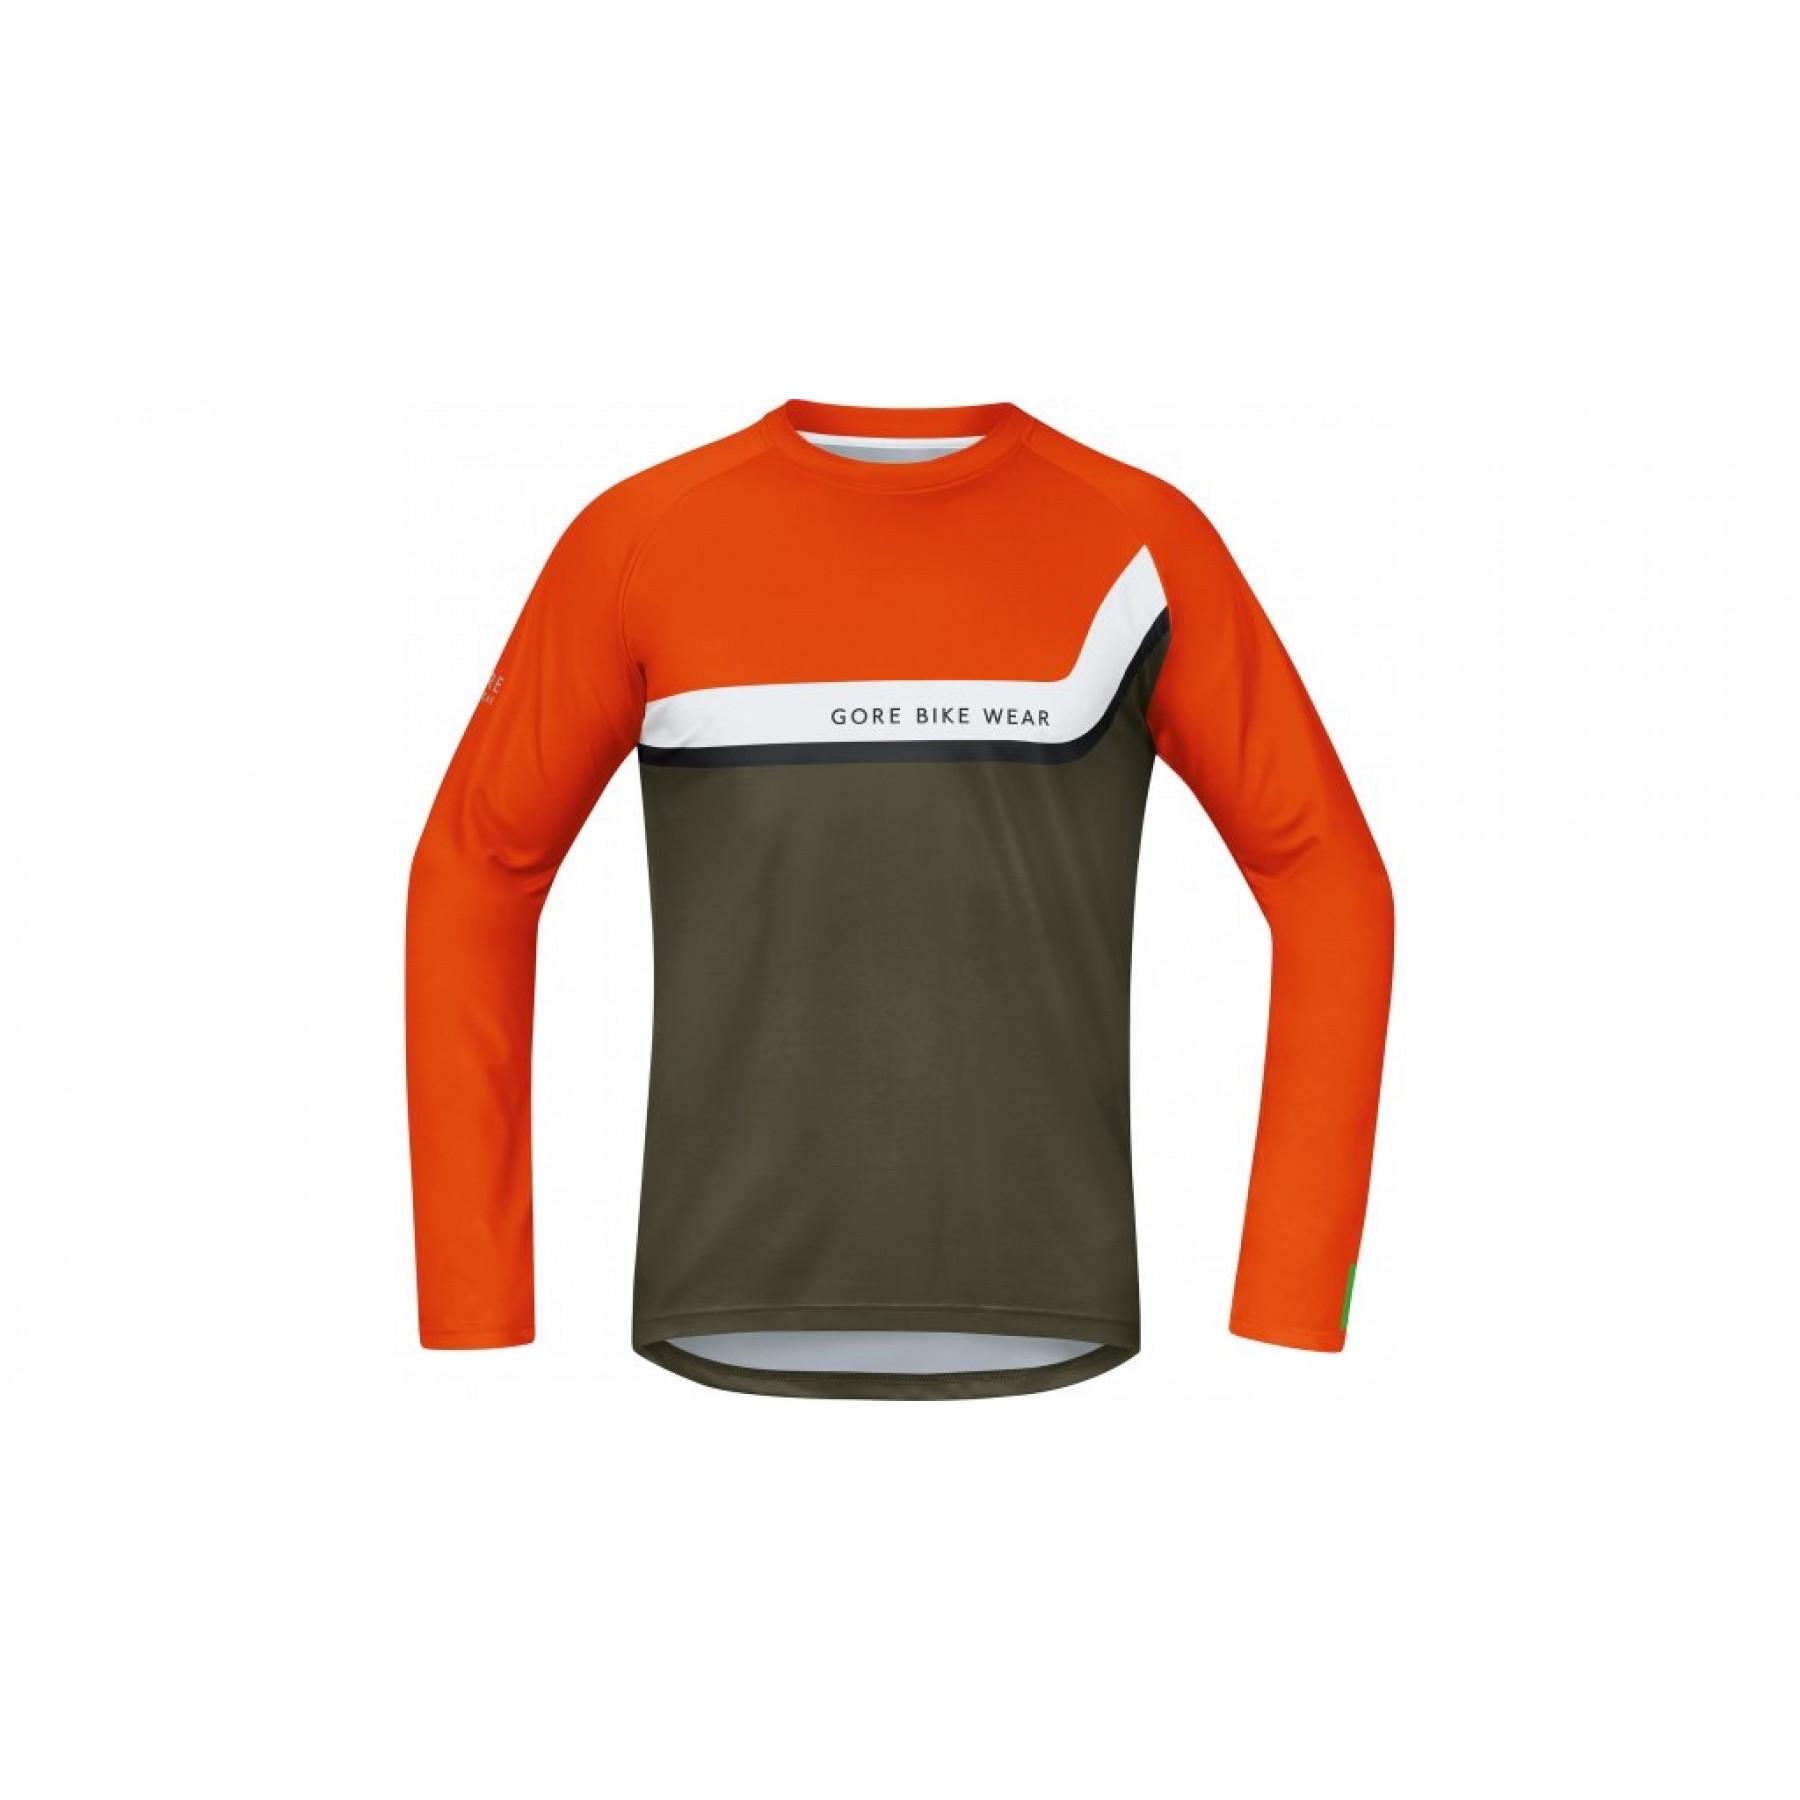 Gore Bike Wear Power Trail Jersey Long Blaze Orange Ivy Green ... 43aa906c3